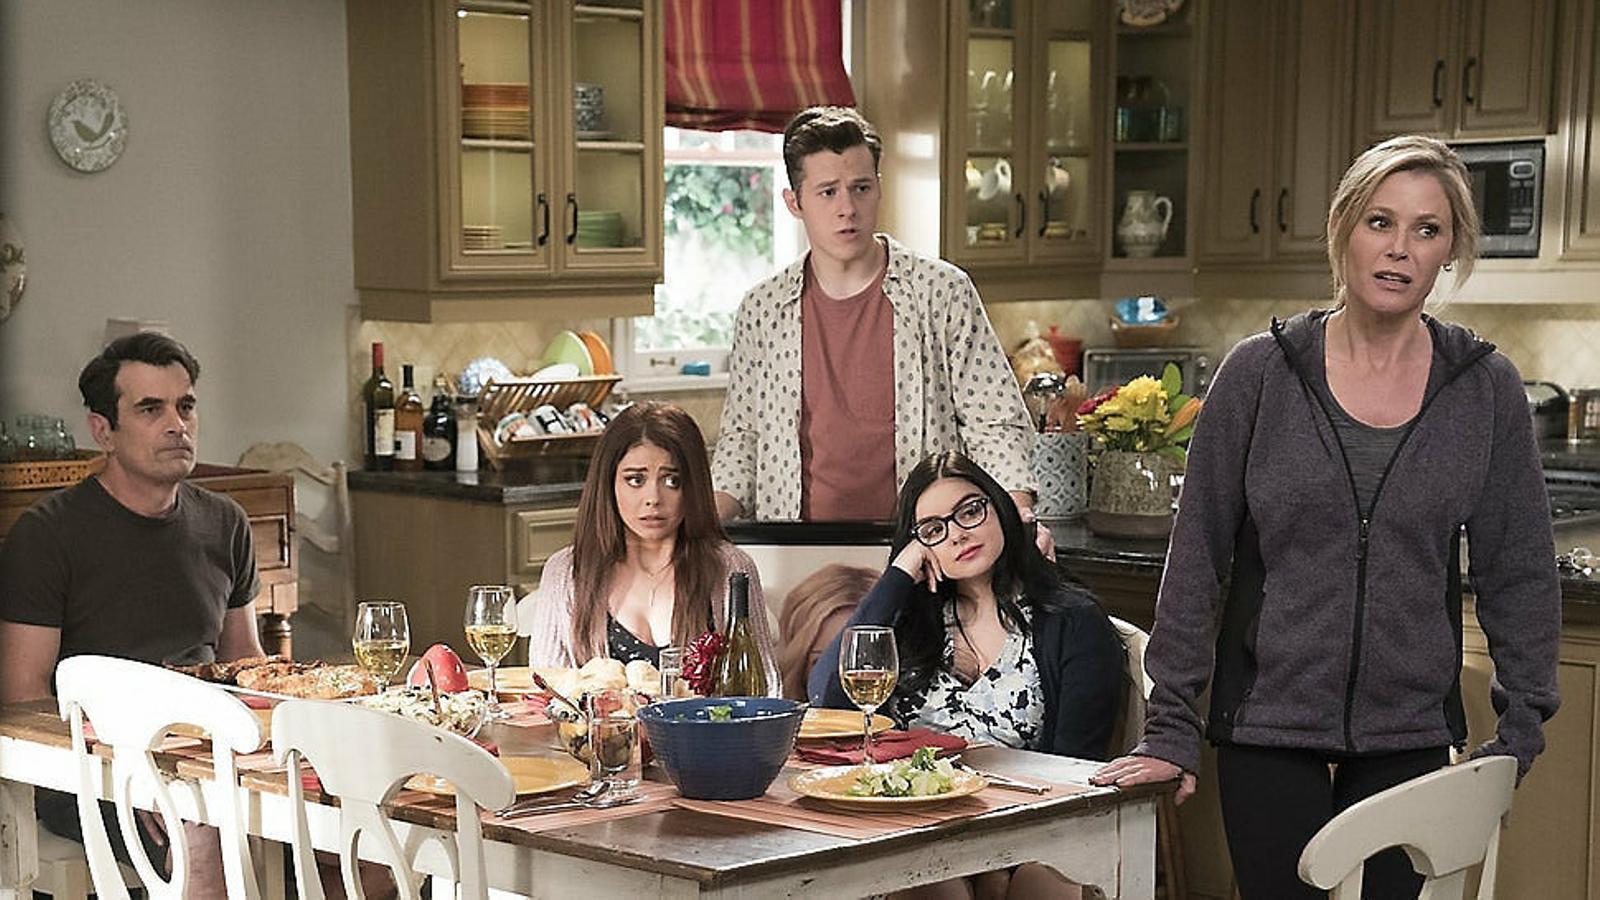 01. Modern family, l'última comèdia clàssica d'èxit mundial, està rodant la seva última temporada. 02. Tot i haver-se estrenat fa 25 anys, Friends domina les audiències de Netflix.